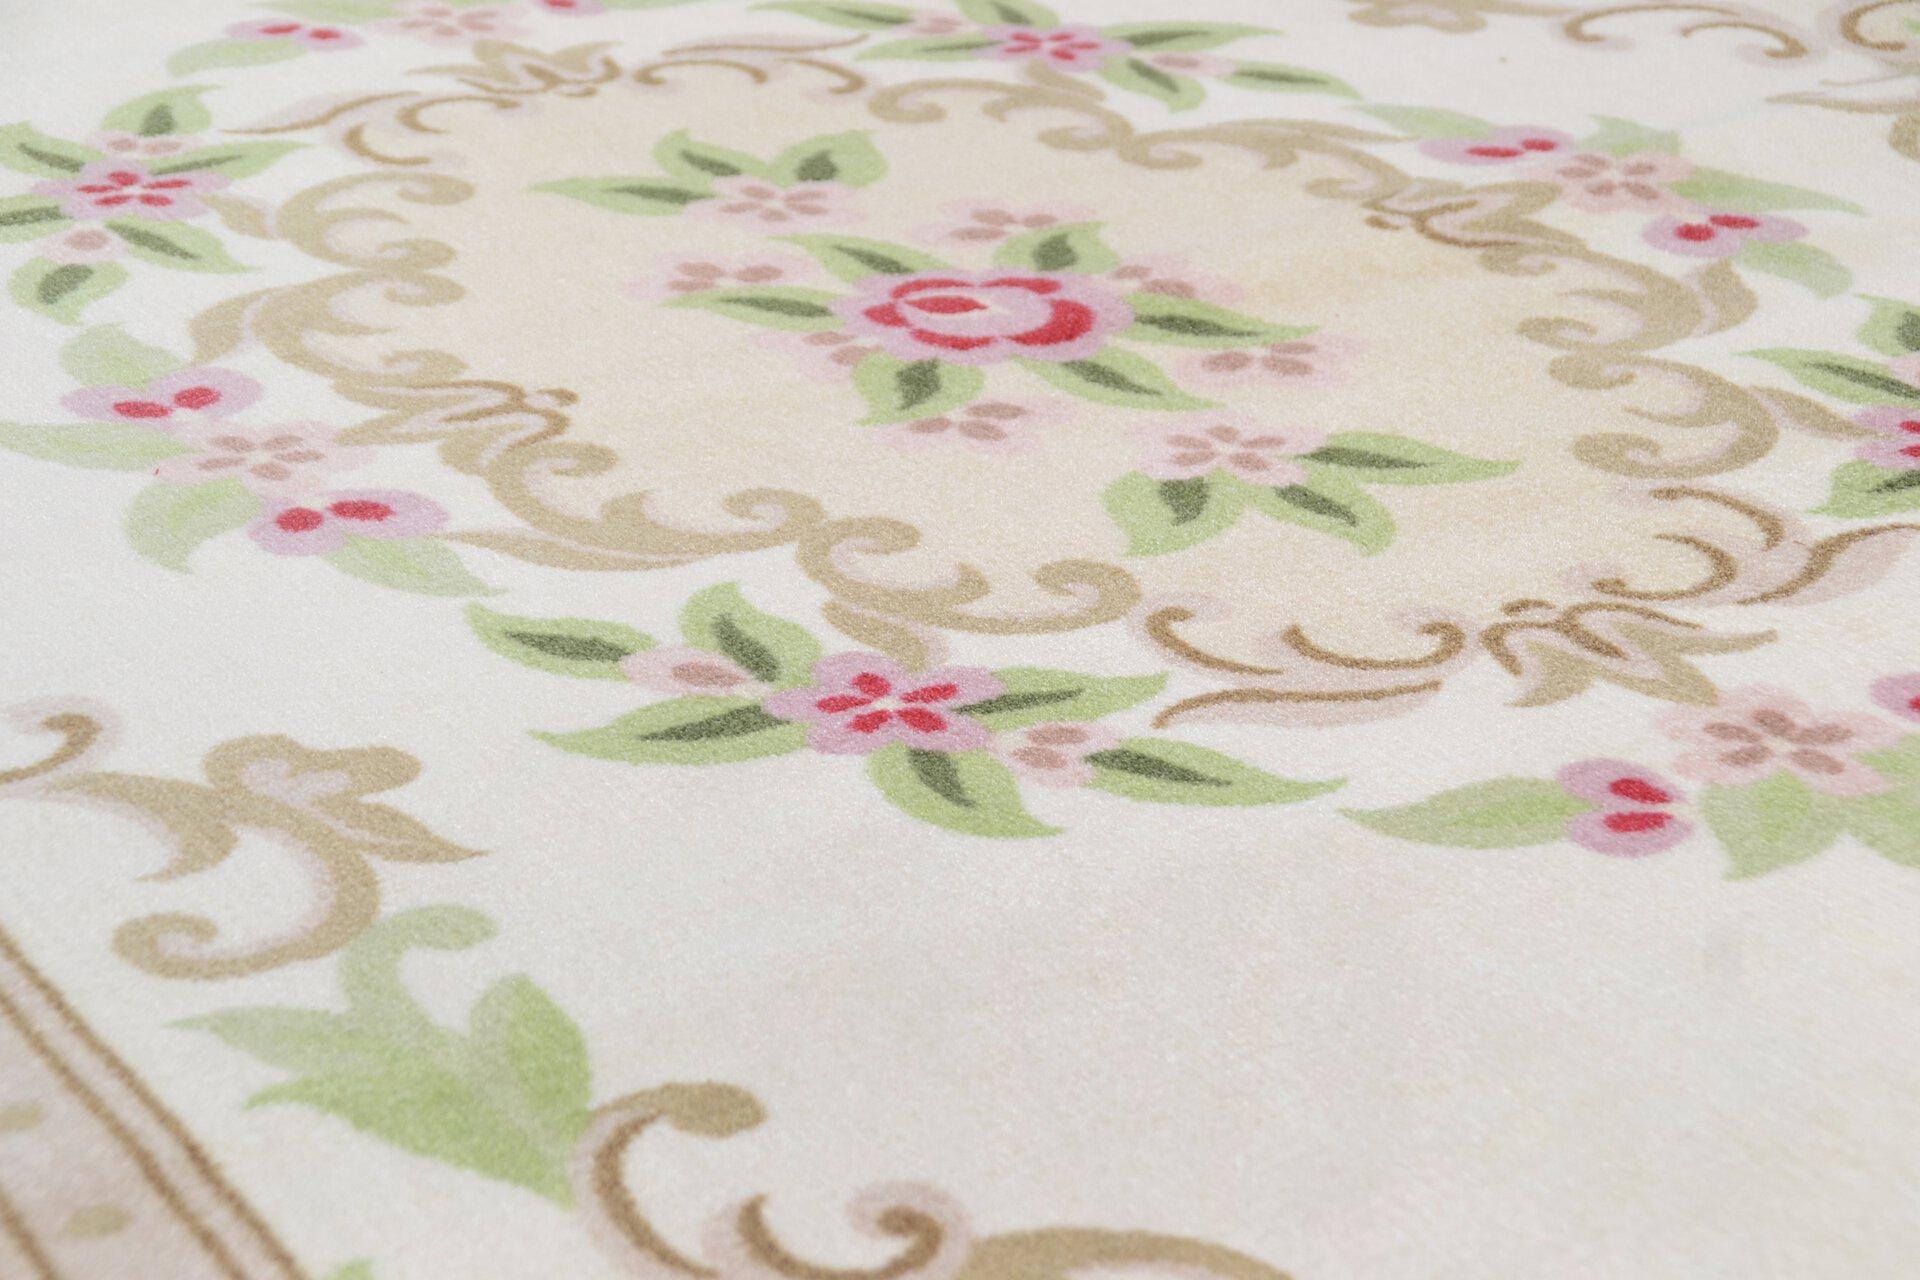 Maschinenwebteppich Sydney 1000 Theko Textil braun 1 cm